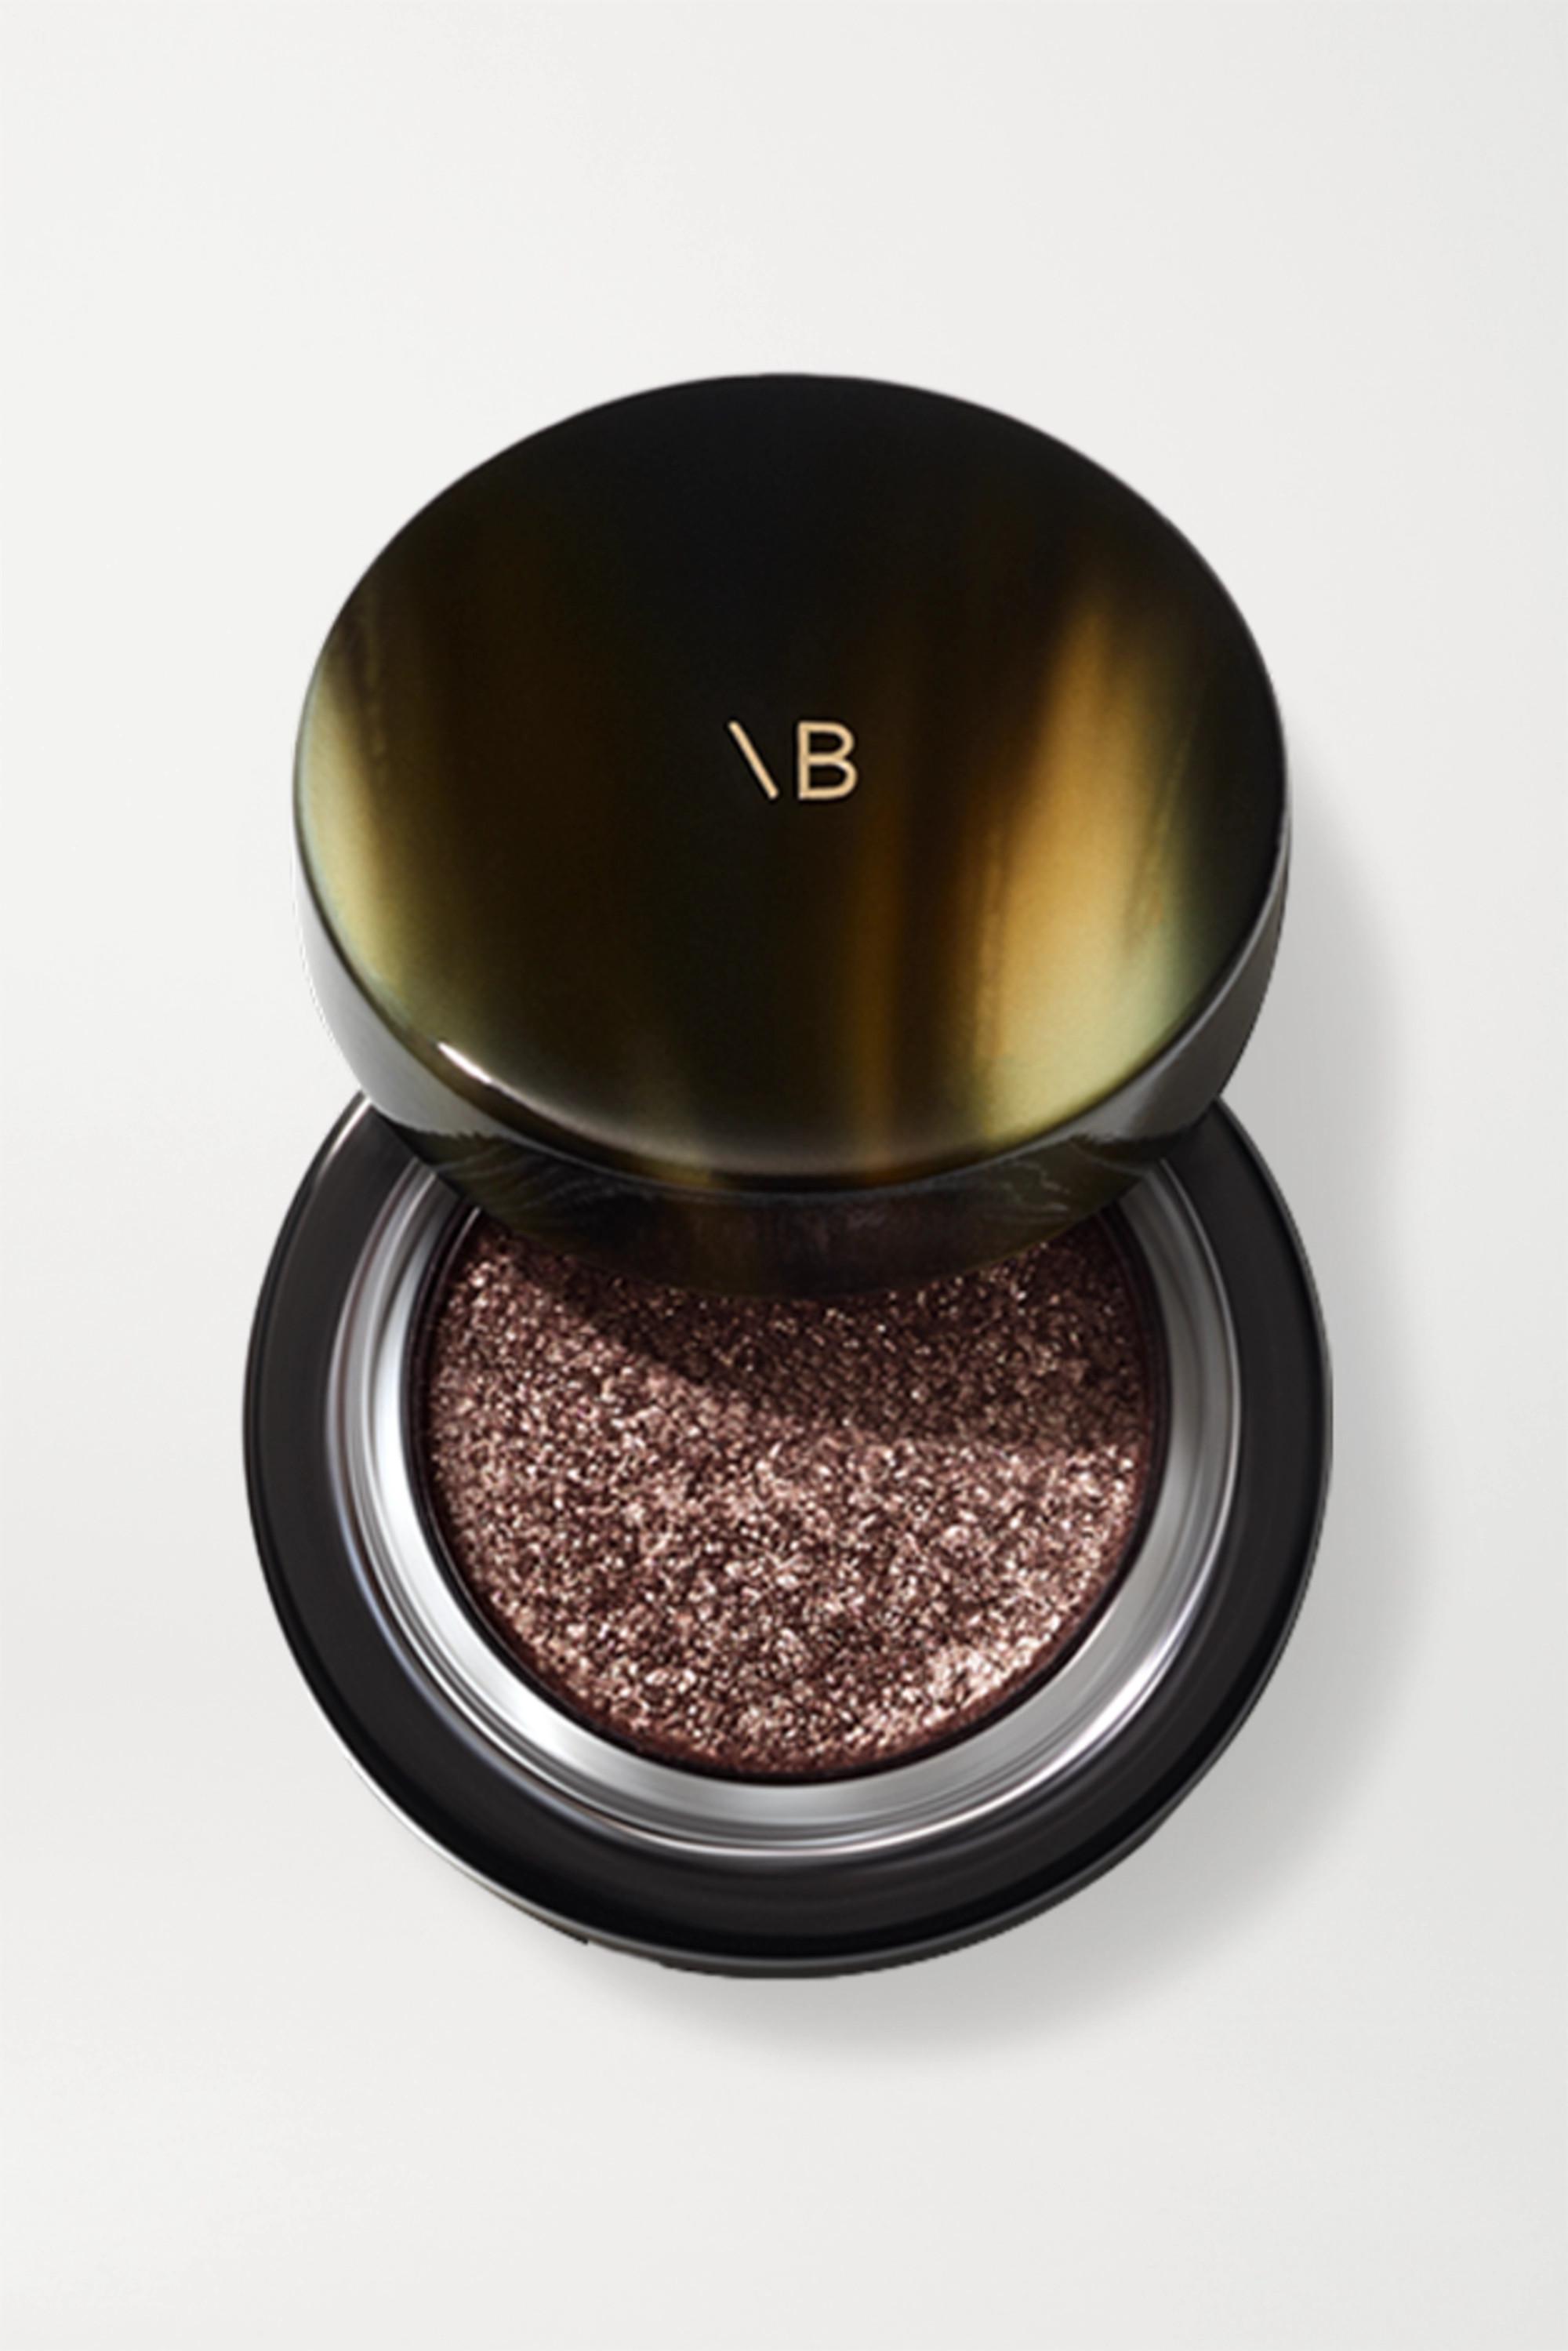 Victoria Beckham Beauty Lid Lustre – Mink – Lidschatten